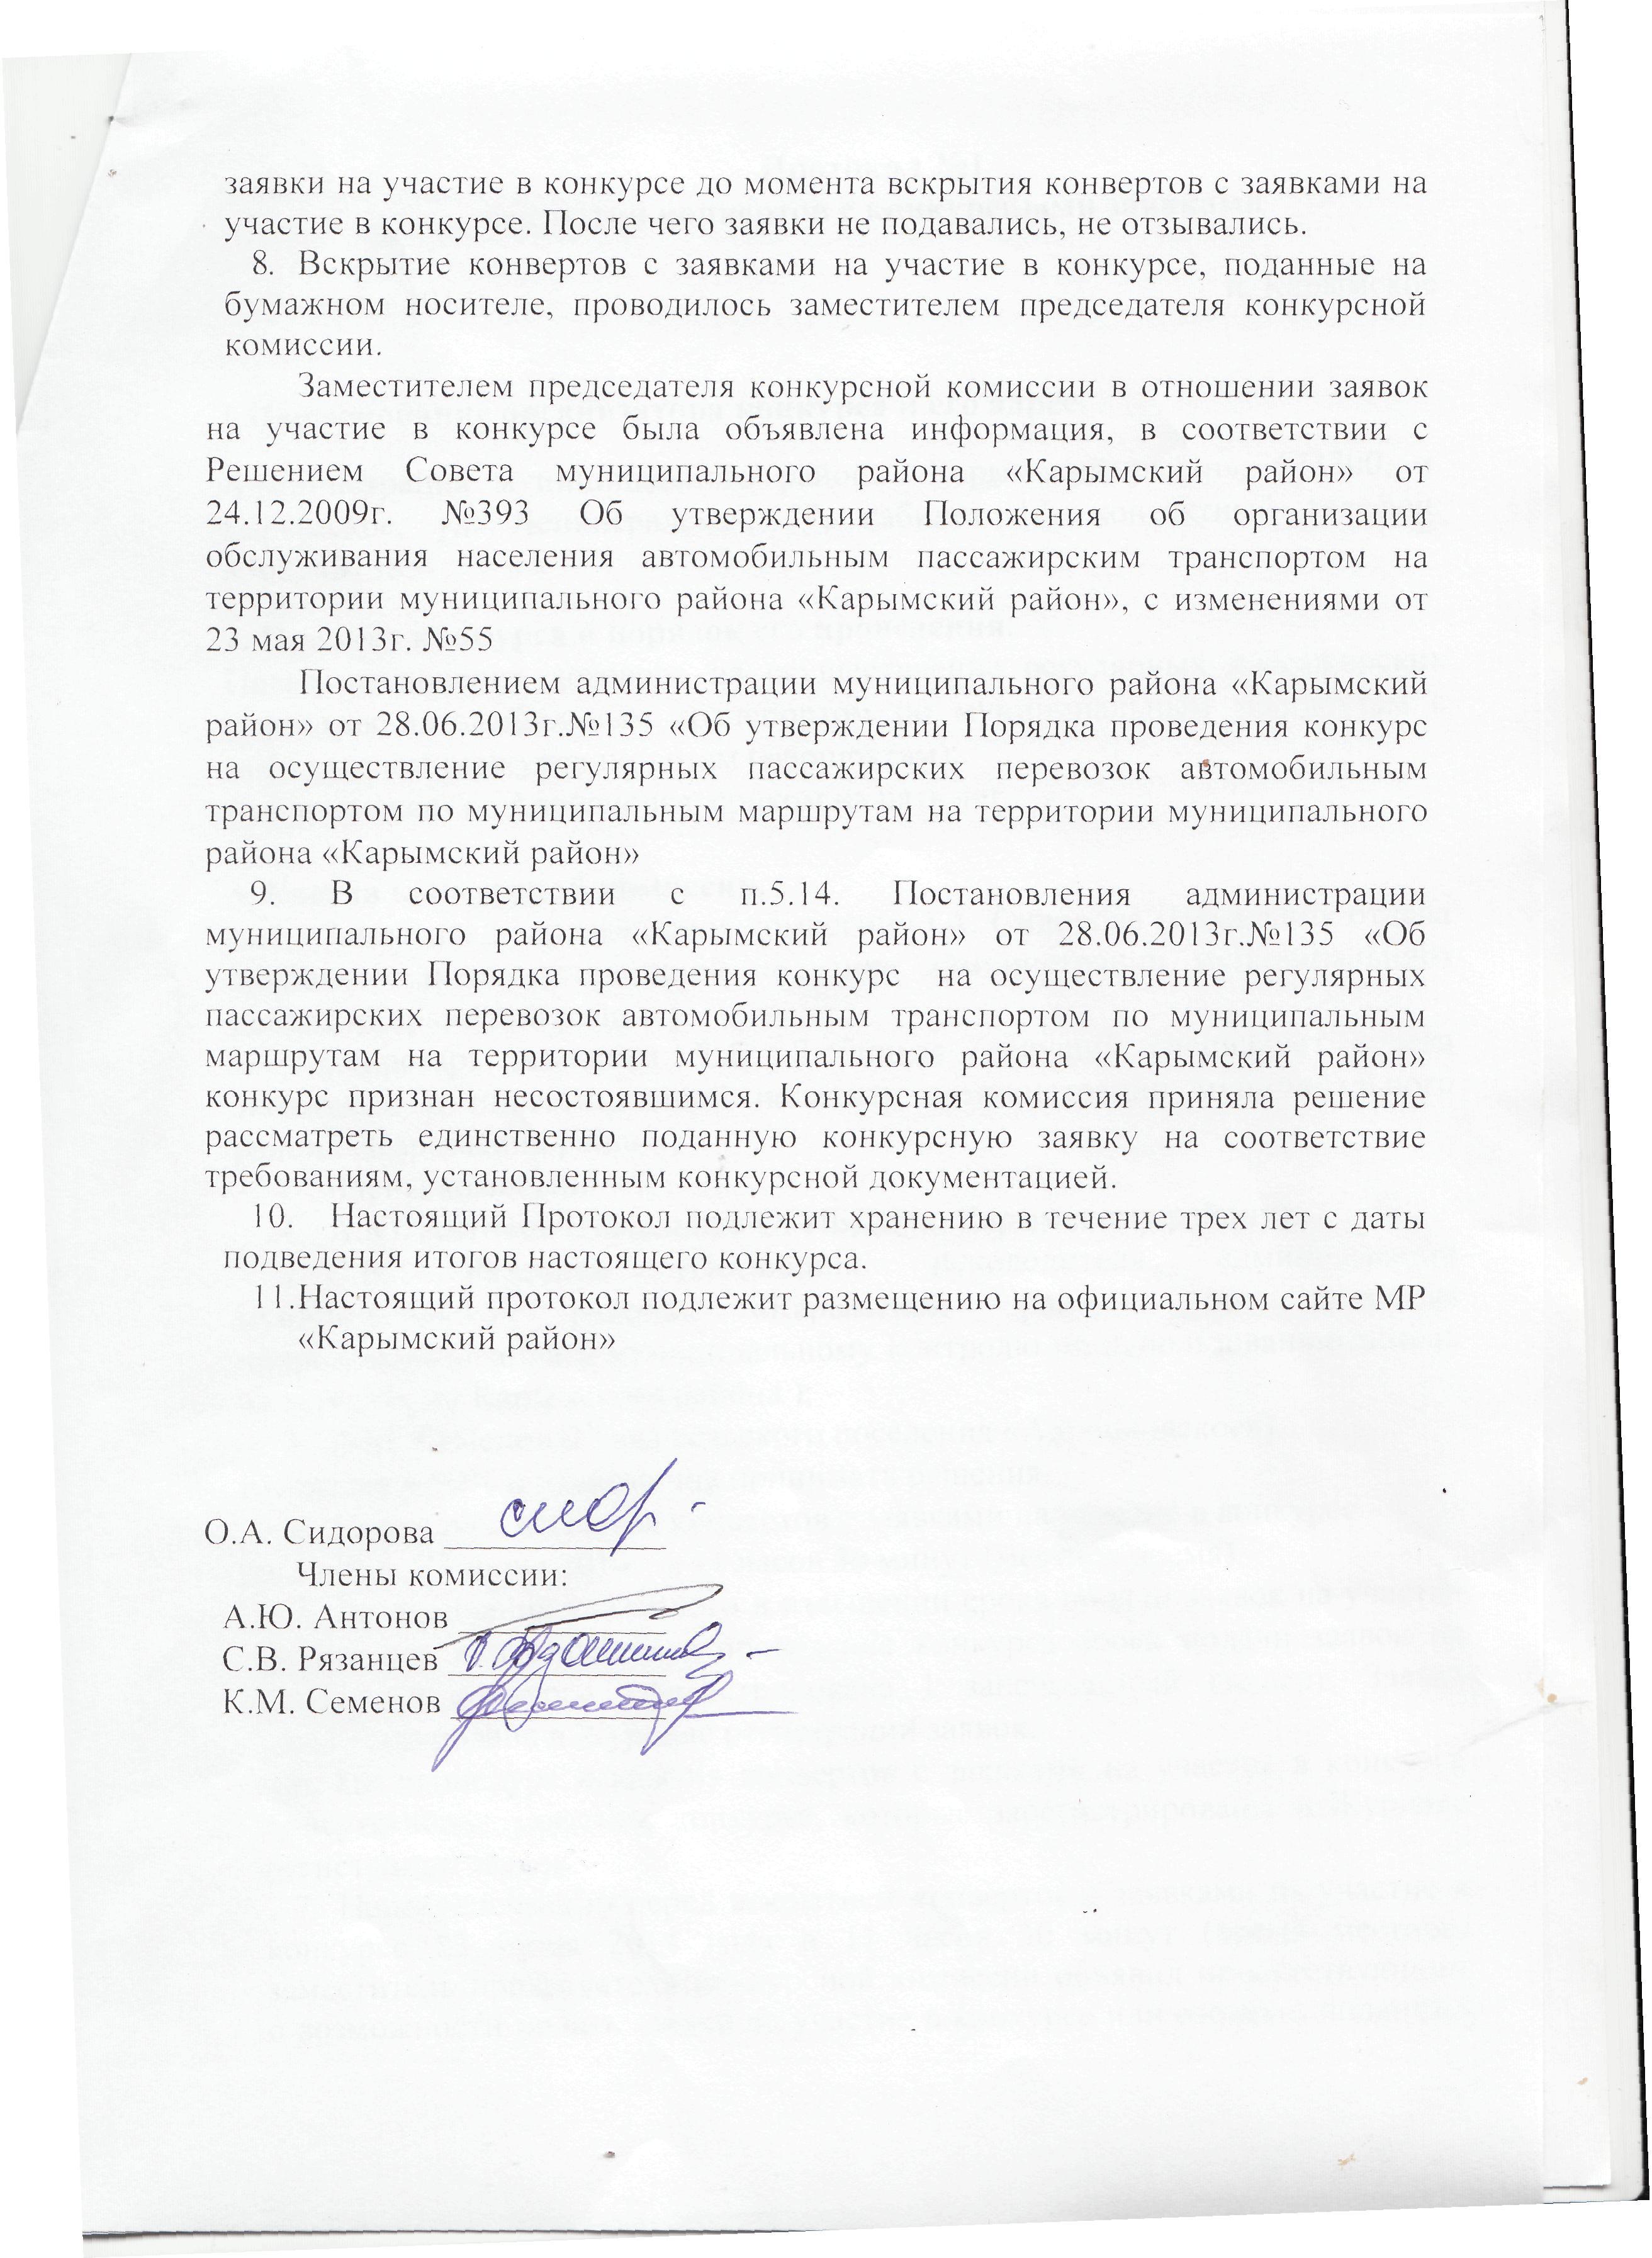 Протокол 1 (2 лист)